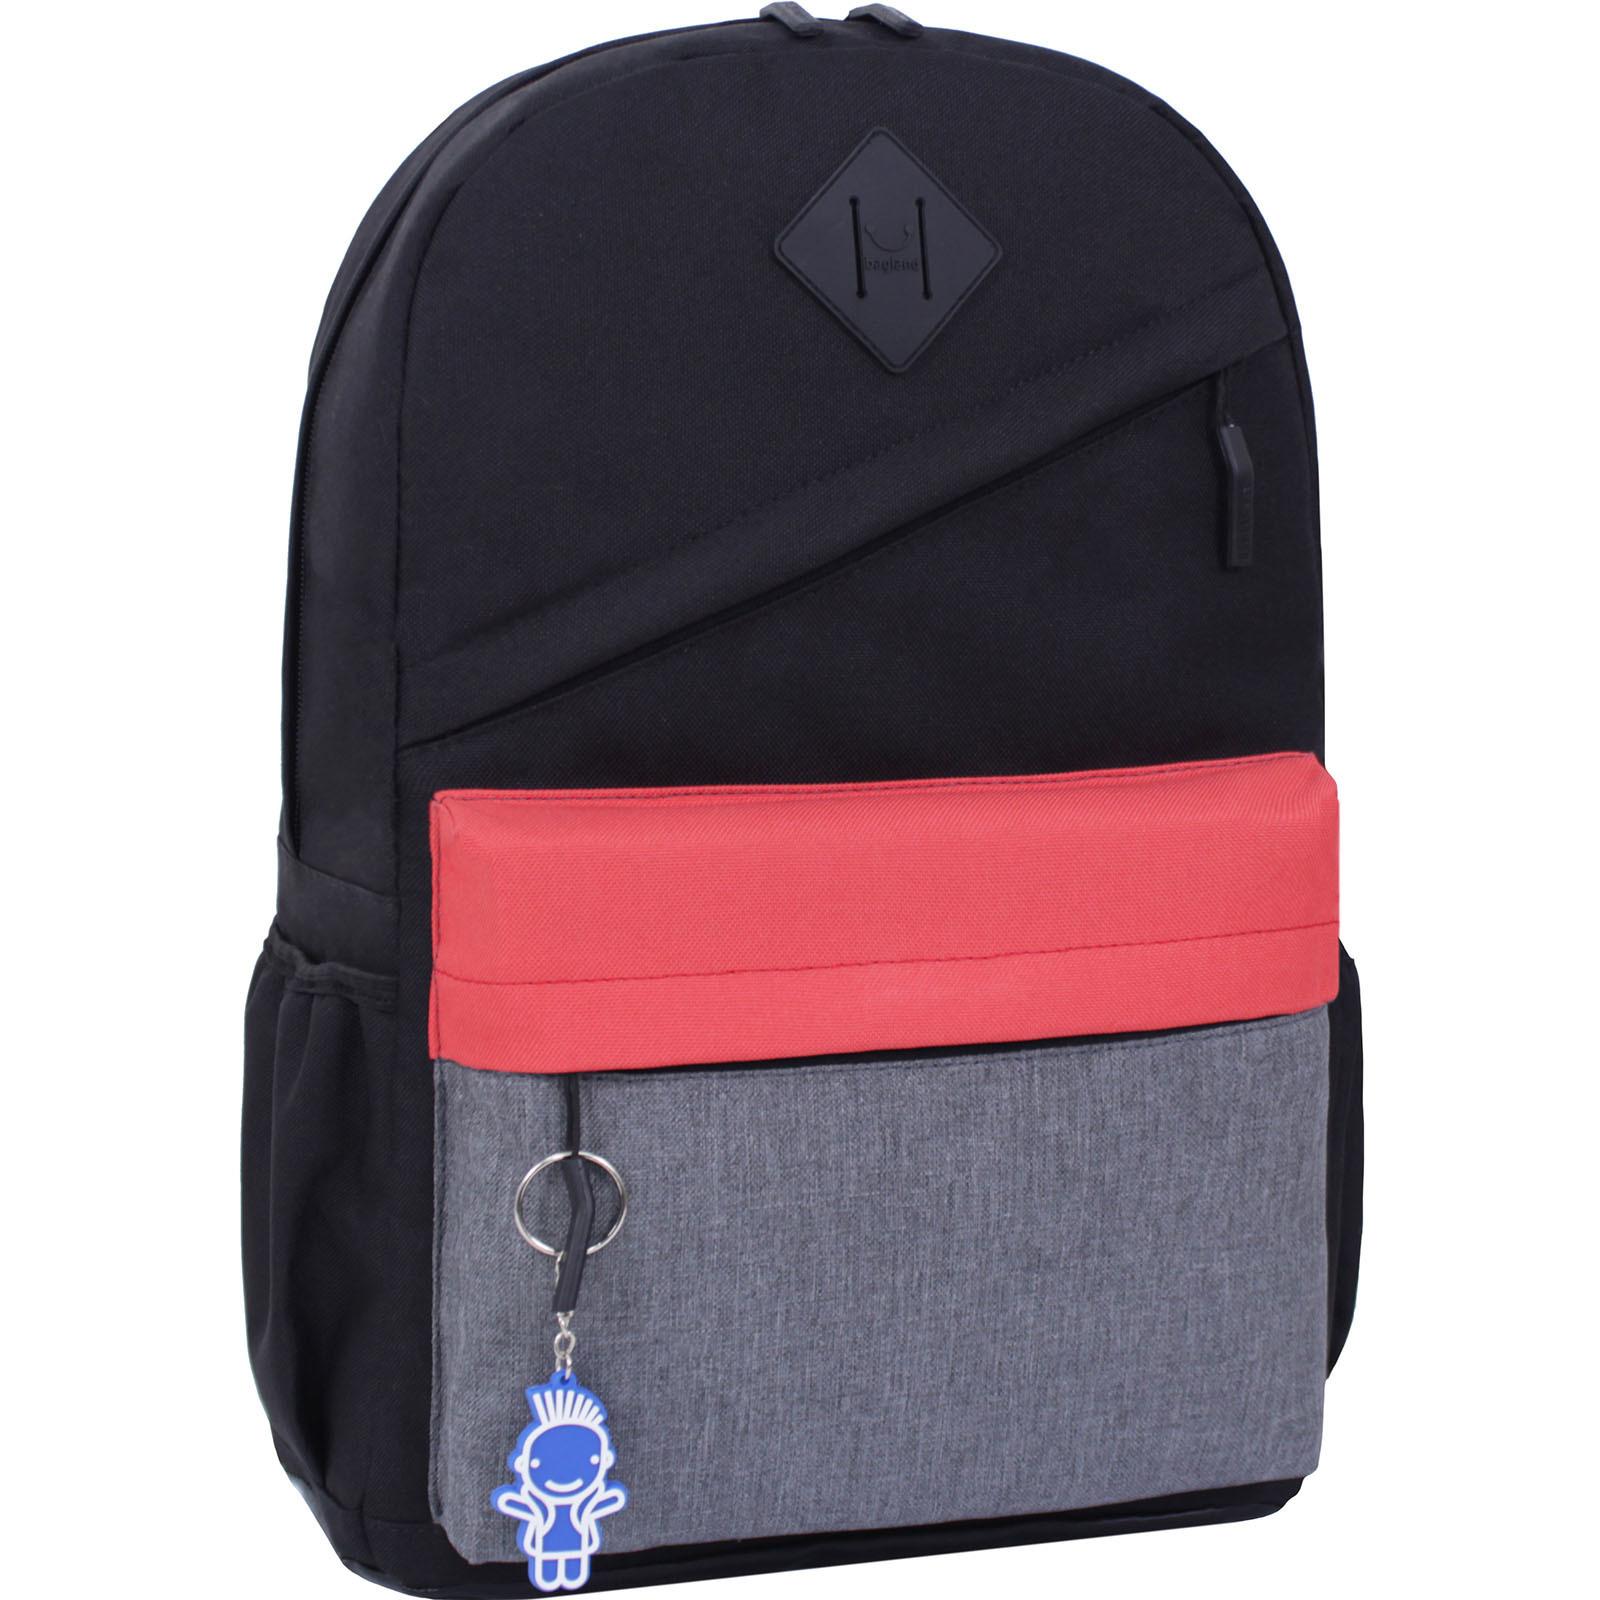 Молодежные рюкзаки Рюкзак Bagland Fire 19л. черный/красный (0014466) IMG_3209.JPG